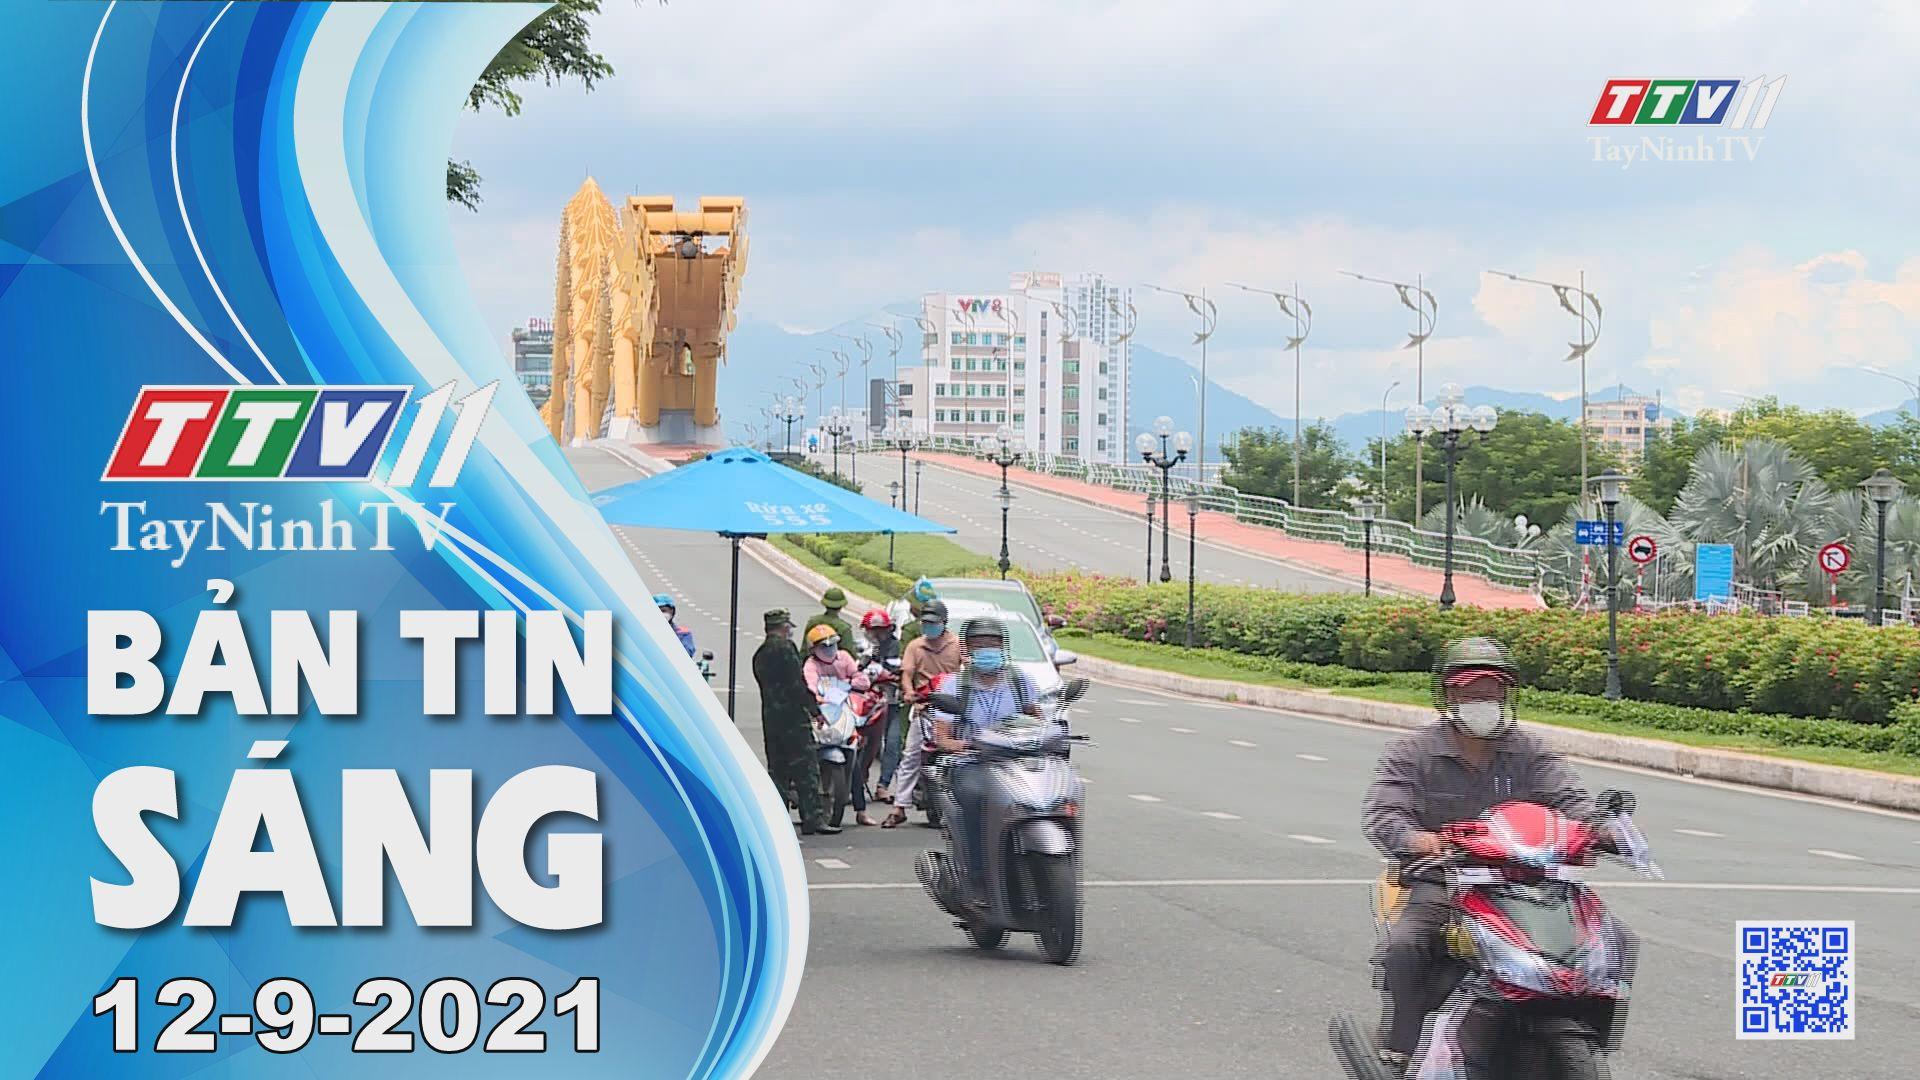 Bản tin sáng 12-9-2021 | Tin tức hôm nay | TayNinhTV